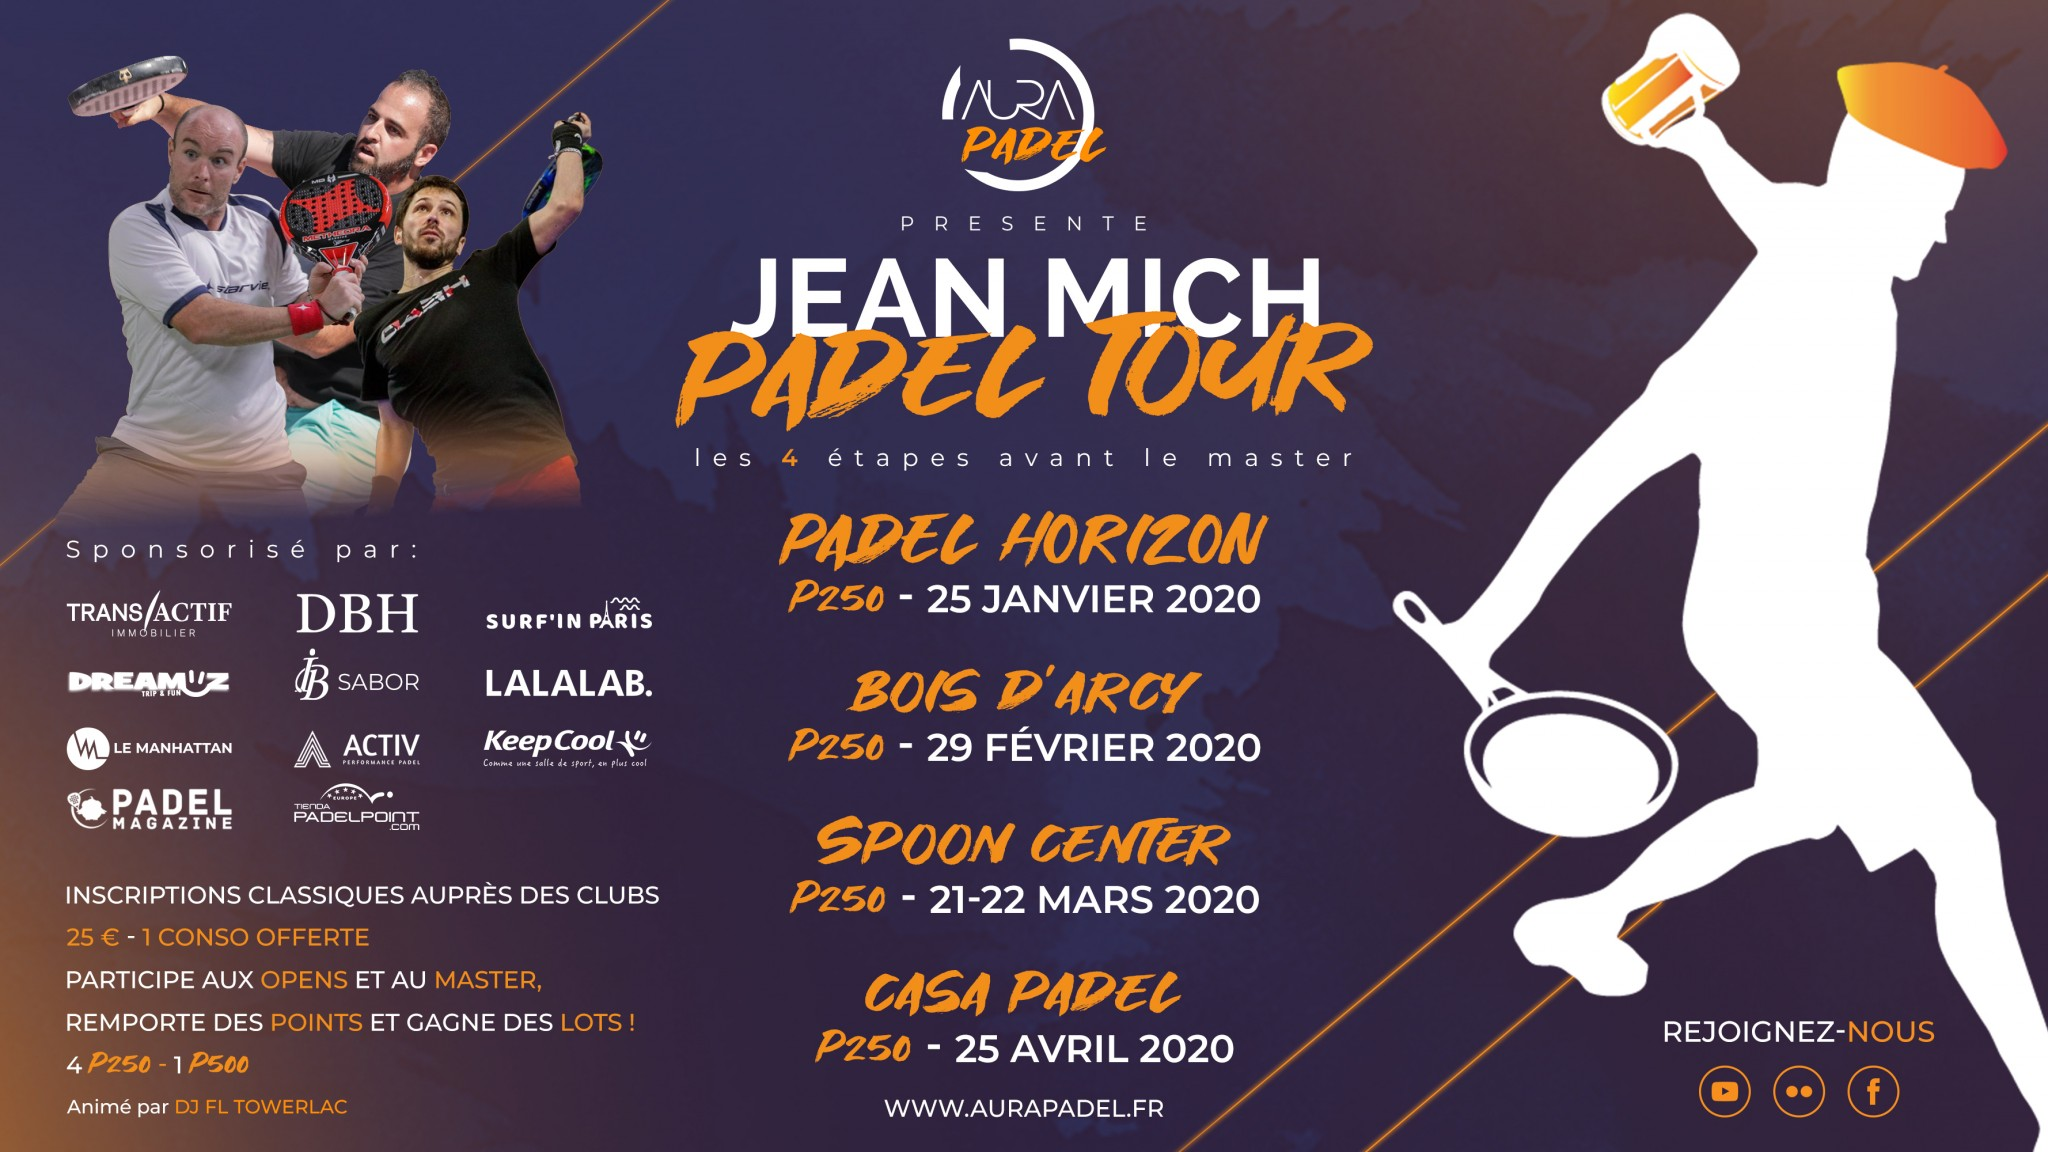 Programme du Jean Mich Padel Tour 2019